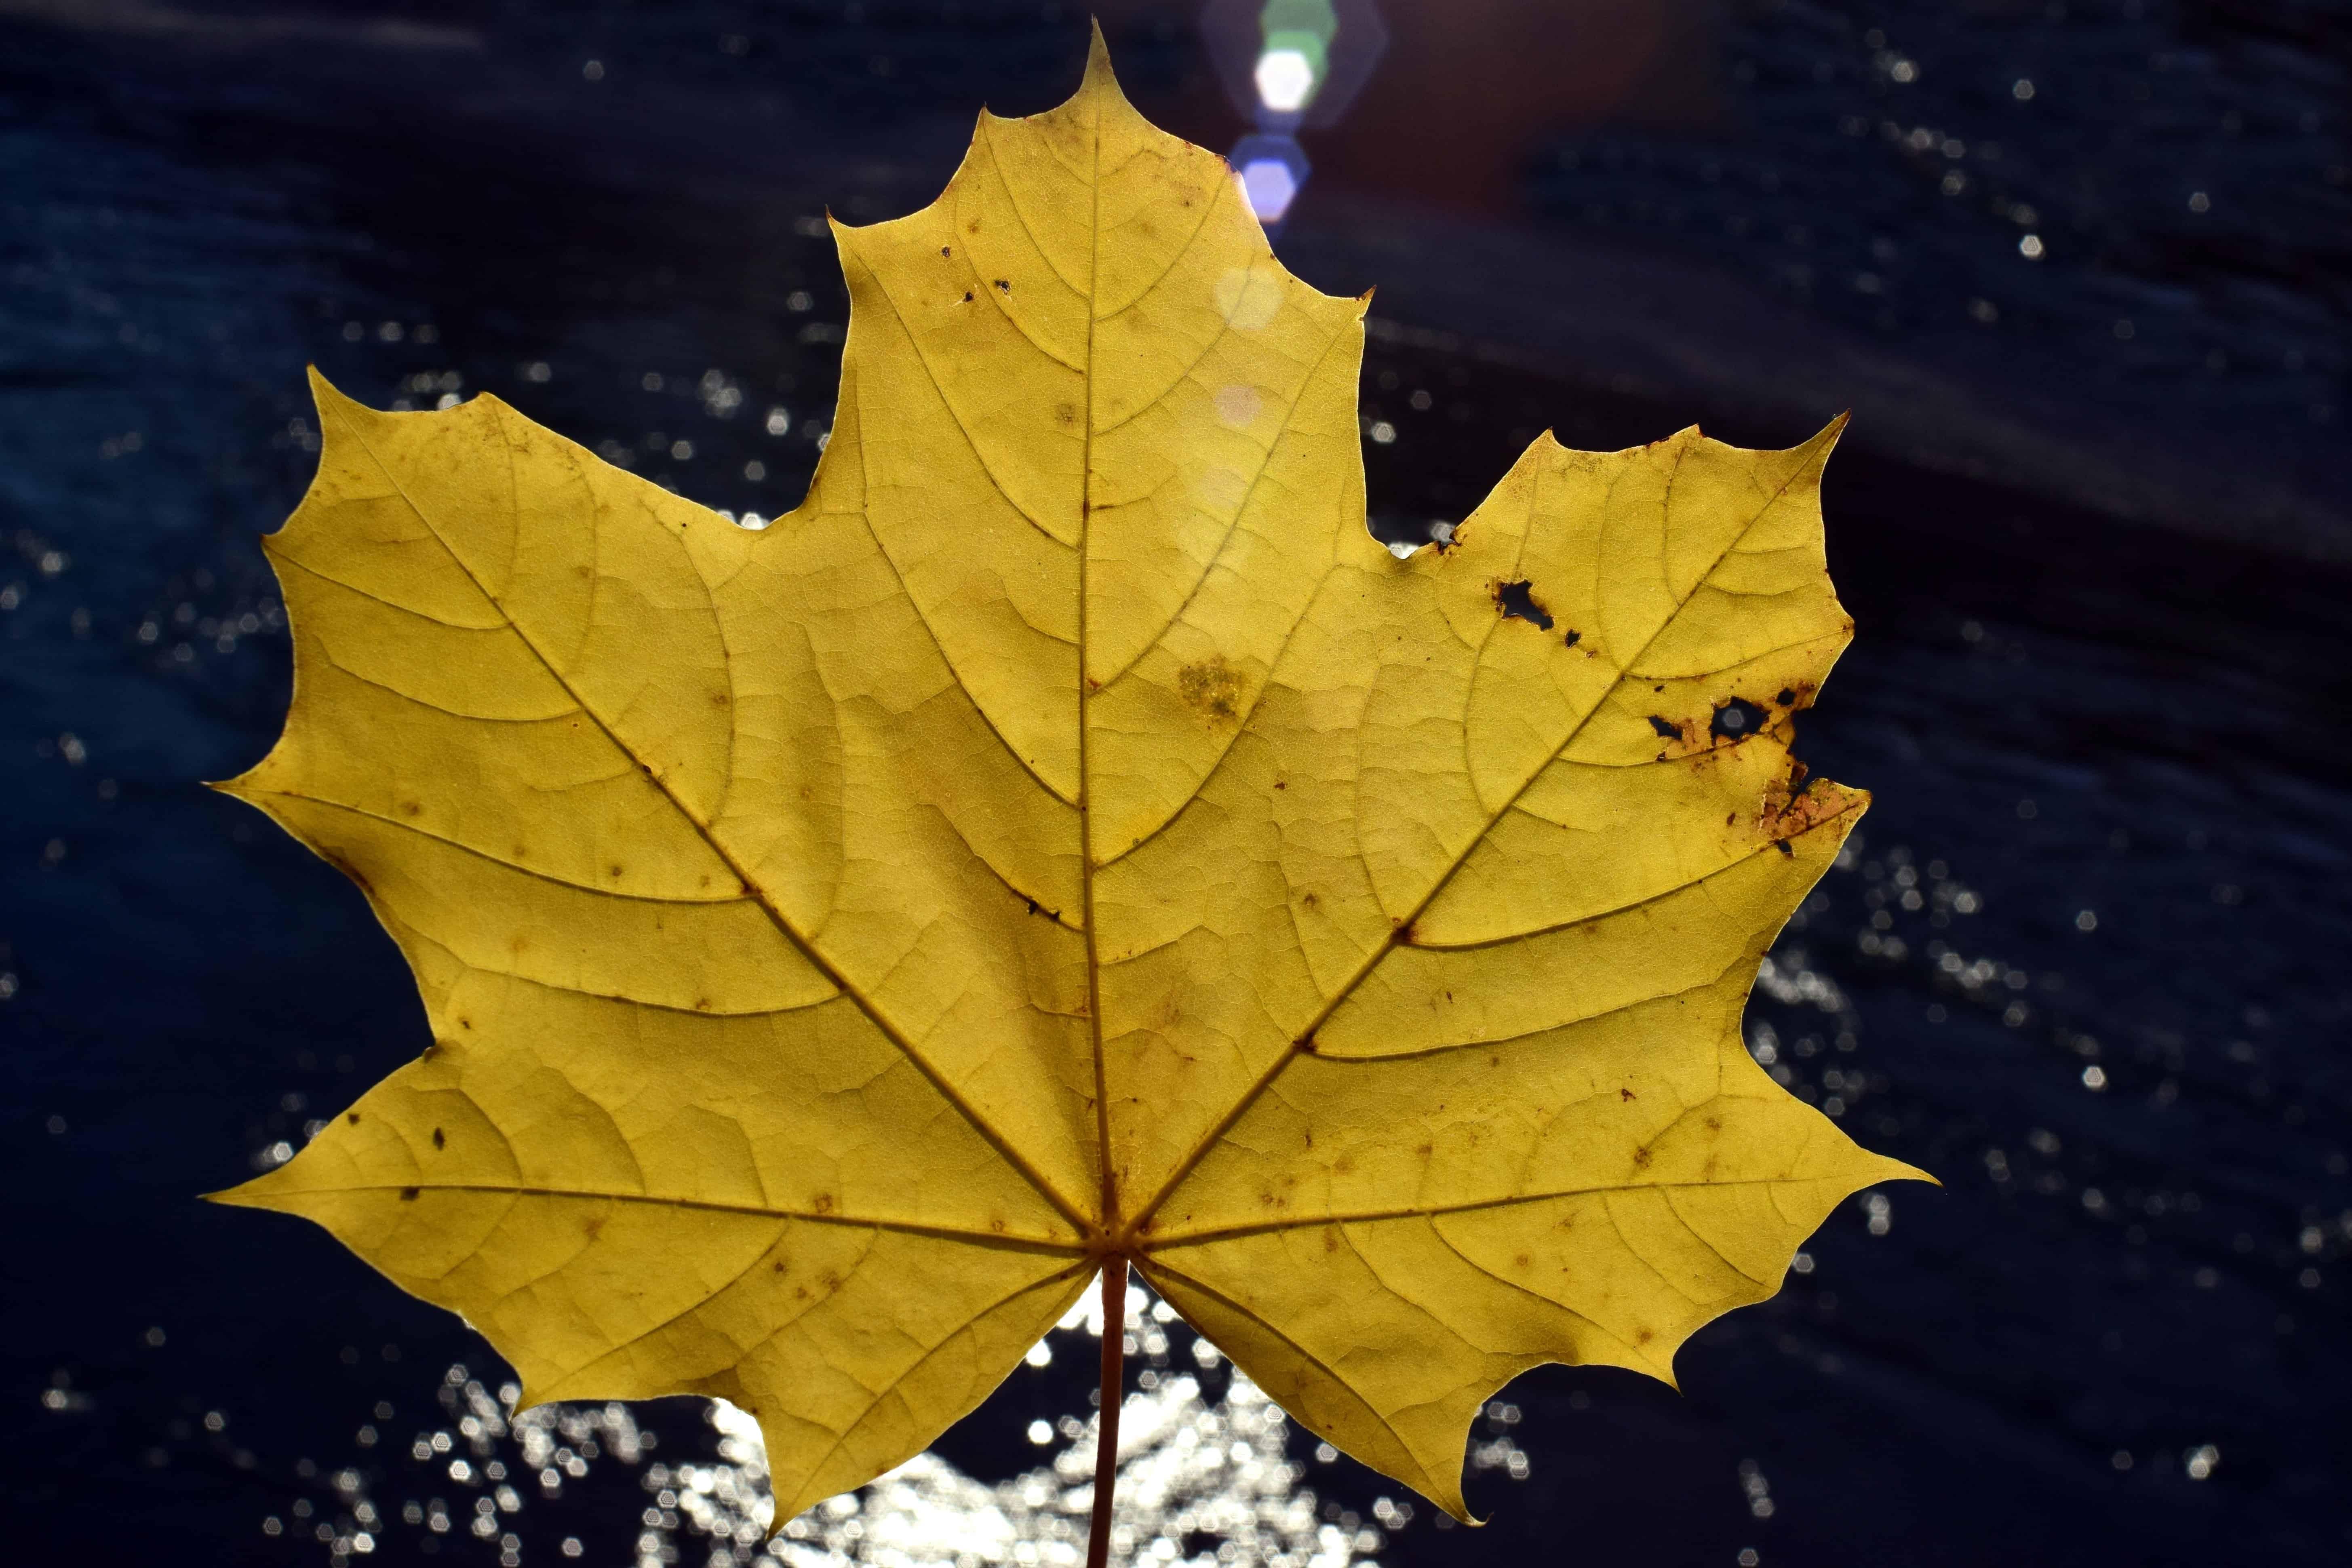 Картинка желтого листика